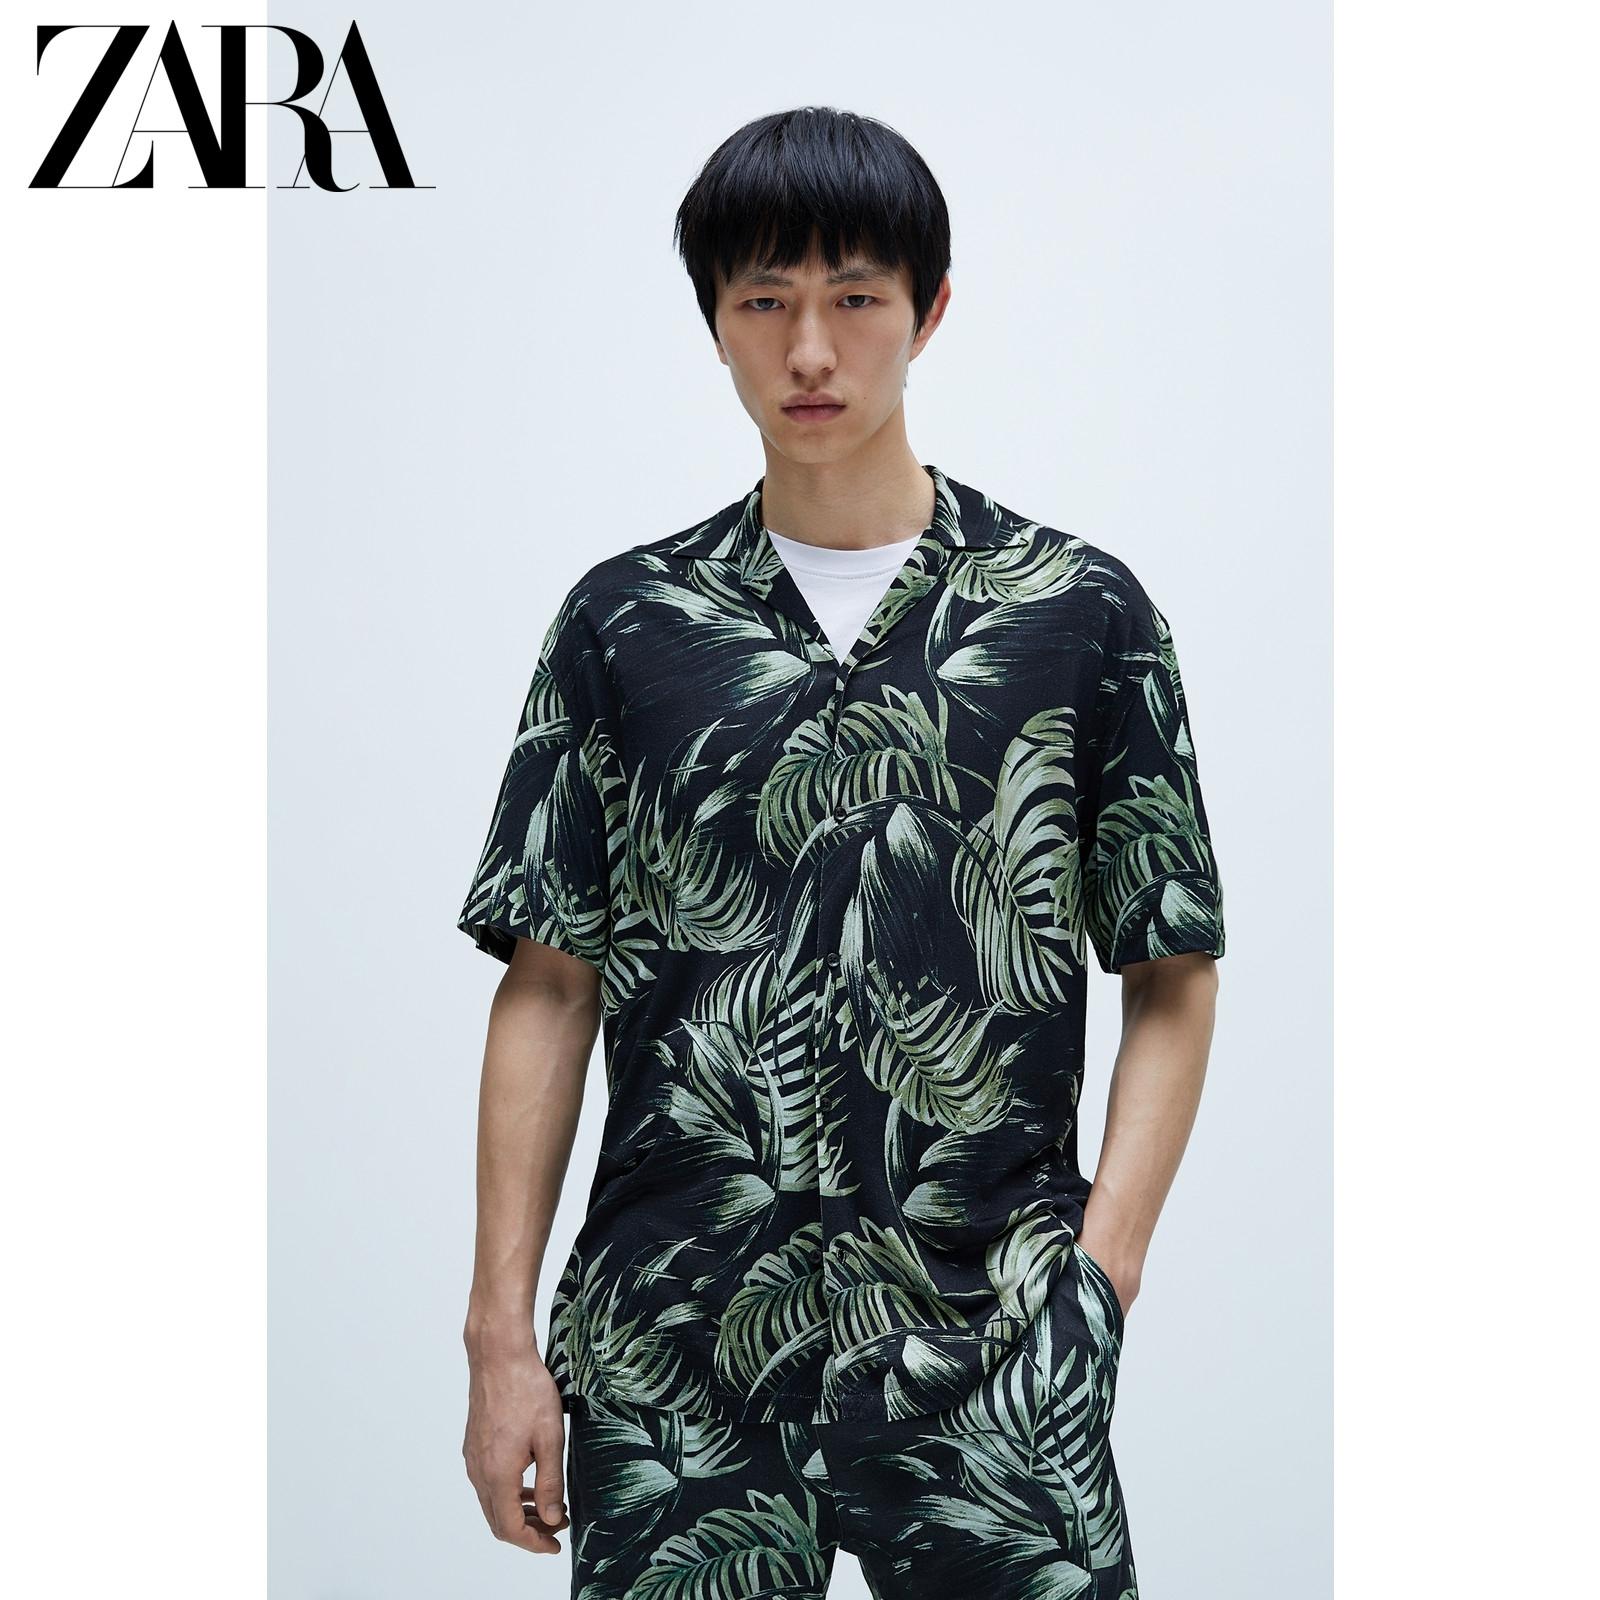 【ZARA 新款 男装 印花古巴领短袖夏威夷衬衫 06264